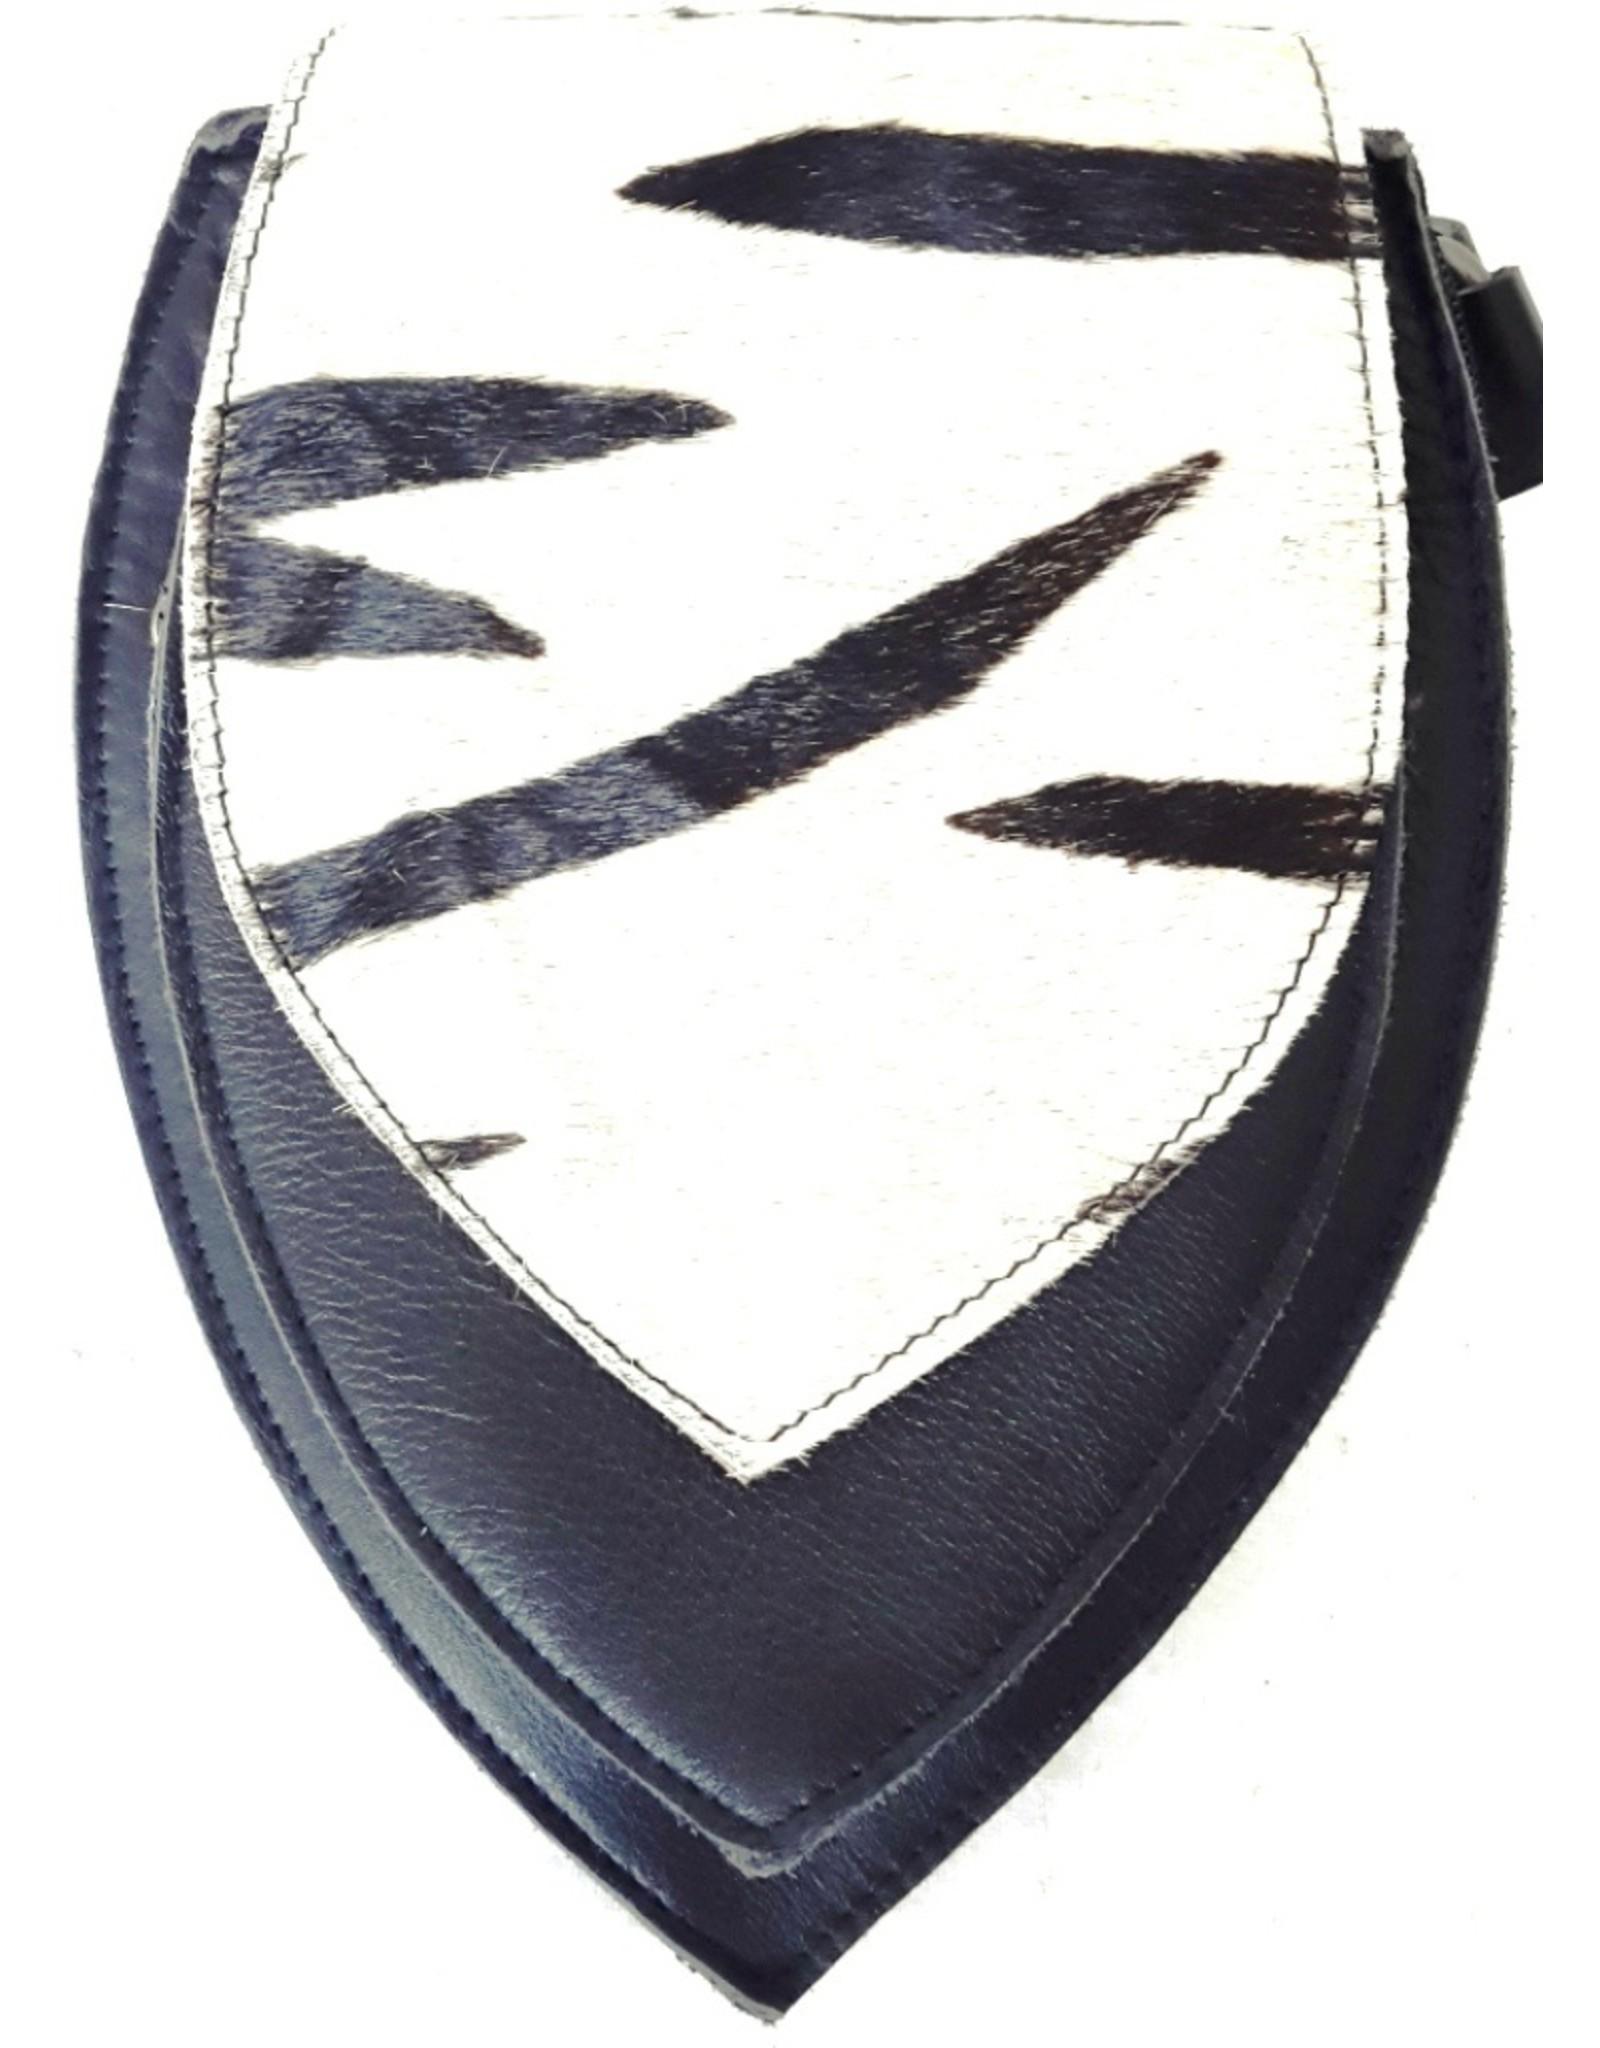 Leren Festivaltasjes, heuptassen en riemtassen - Leren heuptas met zebra print omslag (zwart)